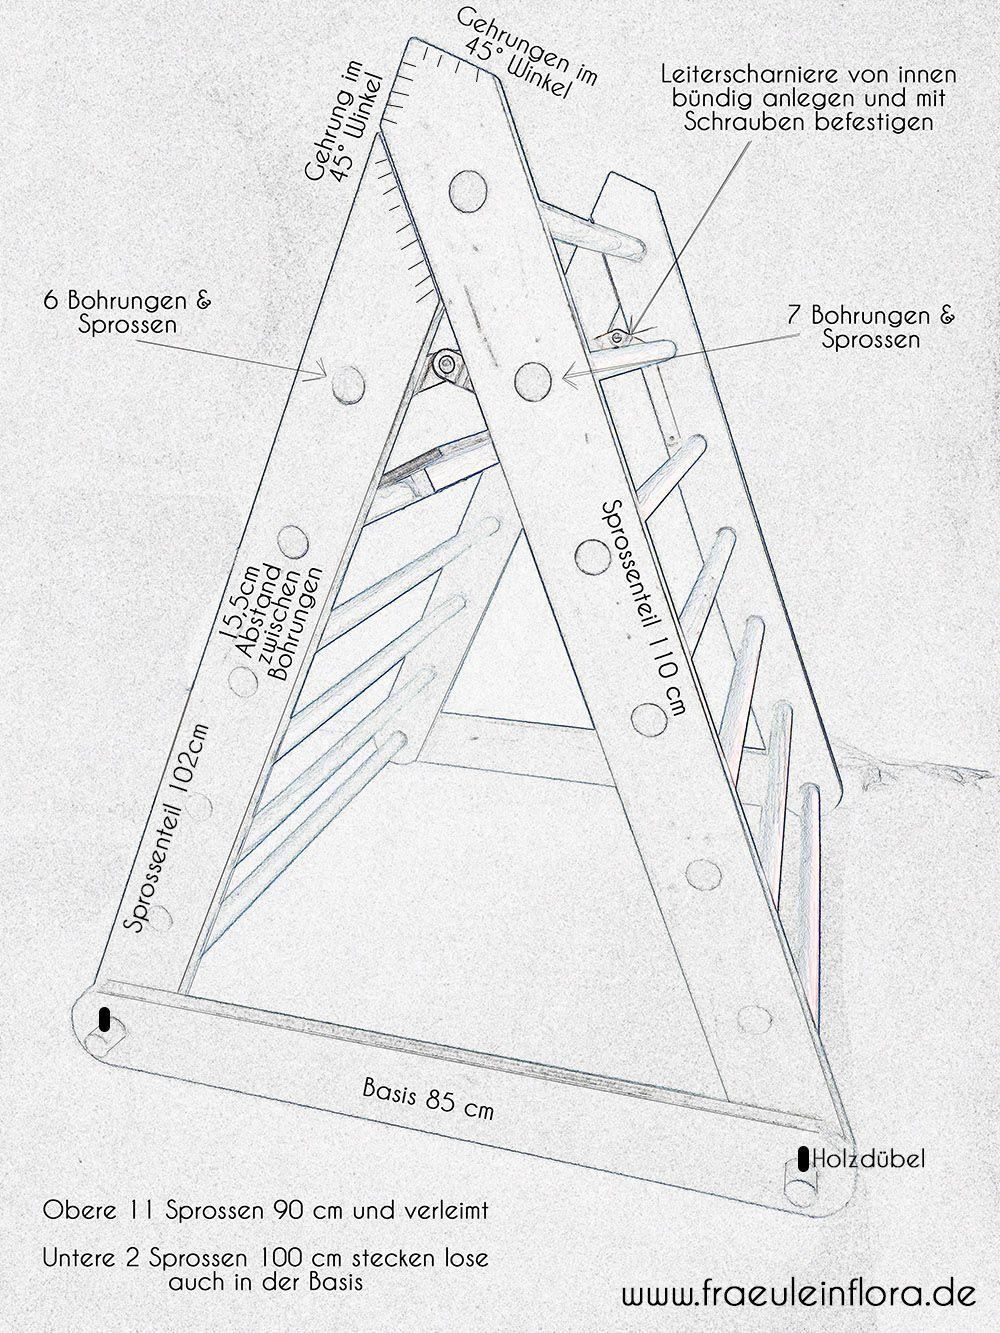 Full Size of Kidwood Klettergerüst Diy Geschenk Und Schlechtwetter Beschftigung Fr Pikler Garten Wohnzimmer Kidwood Klettergerüst